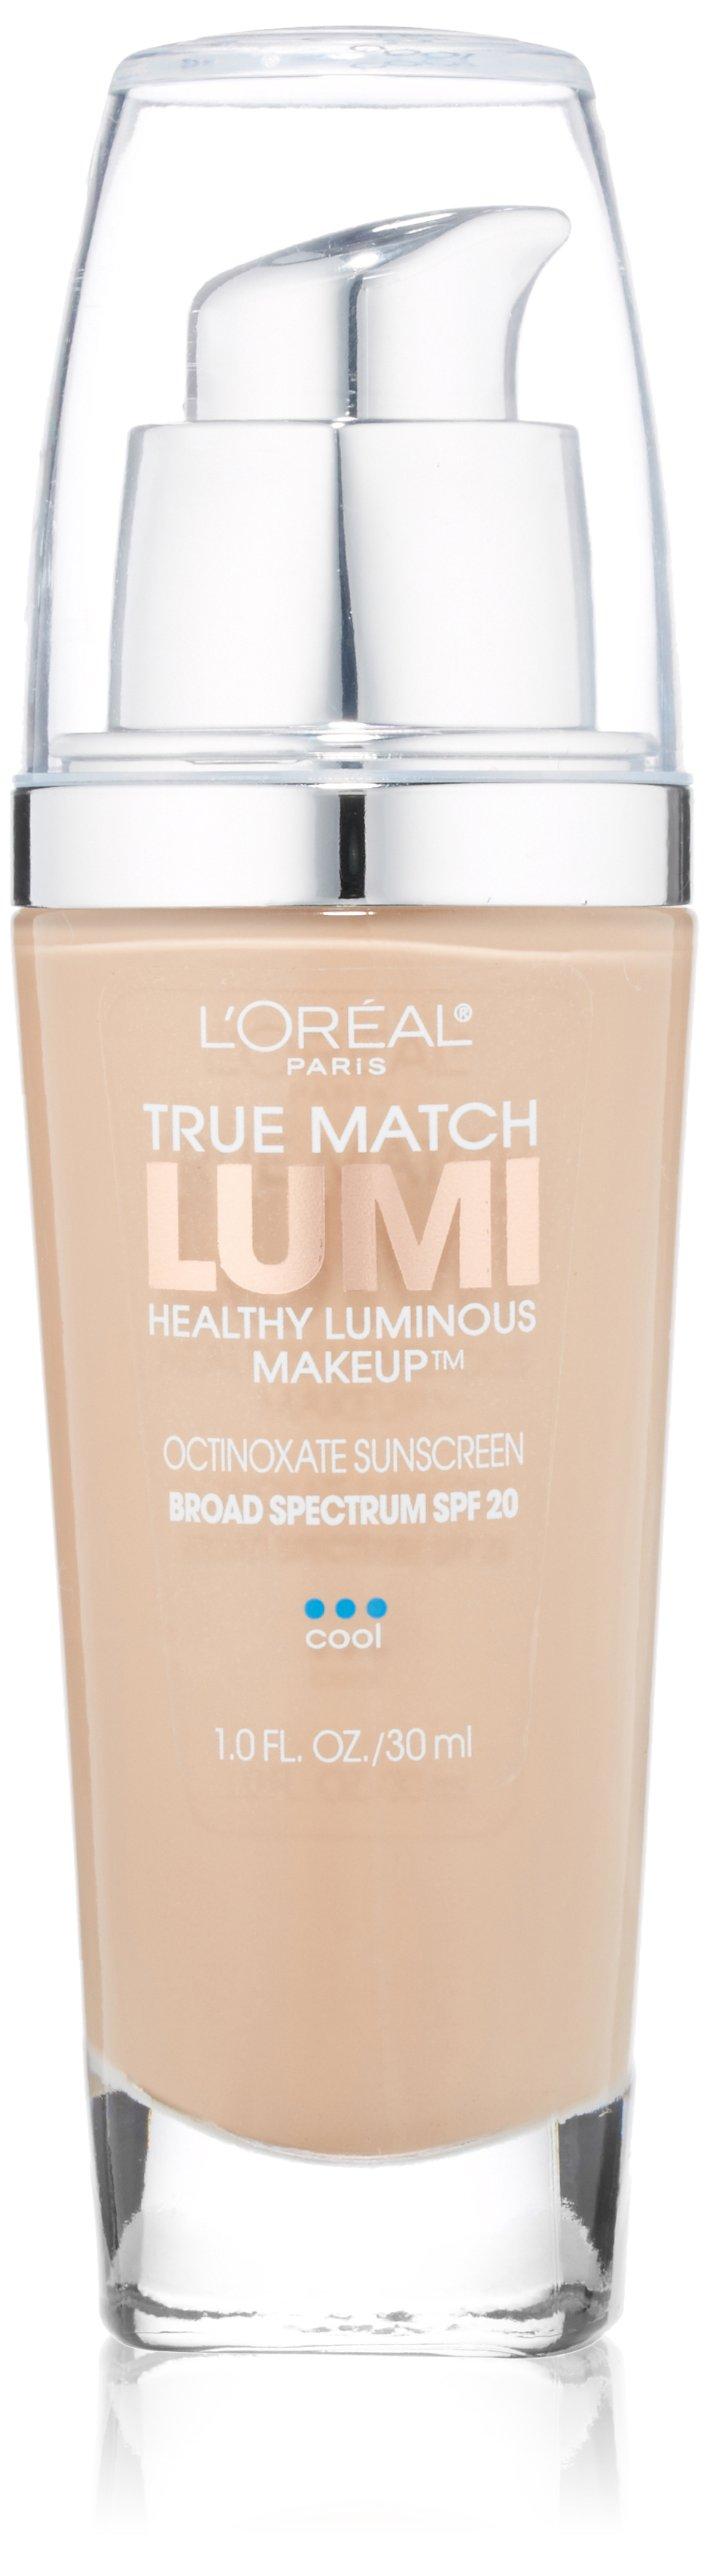 L'Oreal Paris True Match Lumi Healthy Luminous Makeup, C3 Creamy Natural, 1 fl. oz.